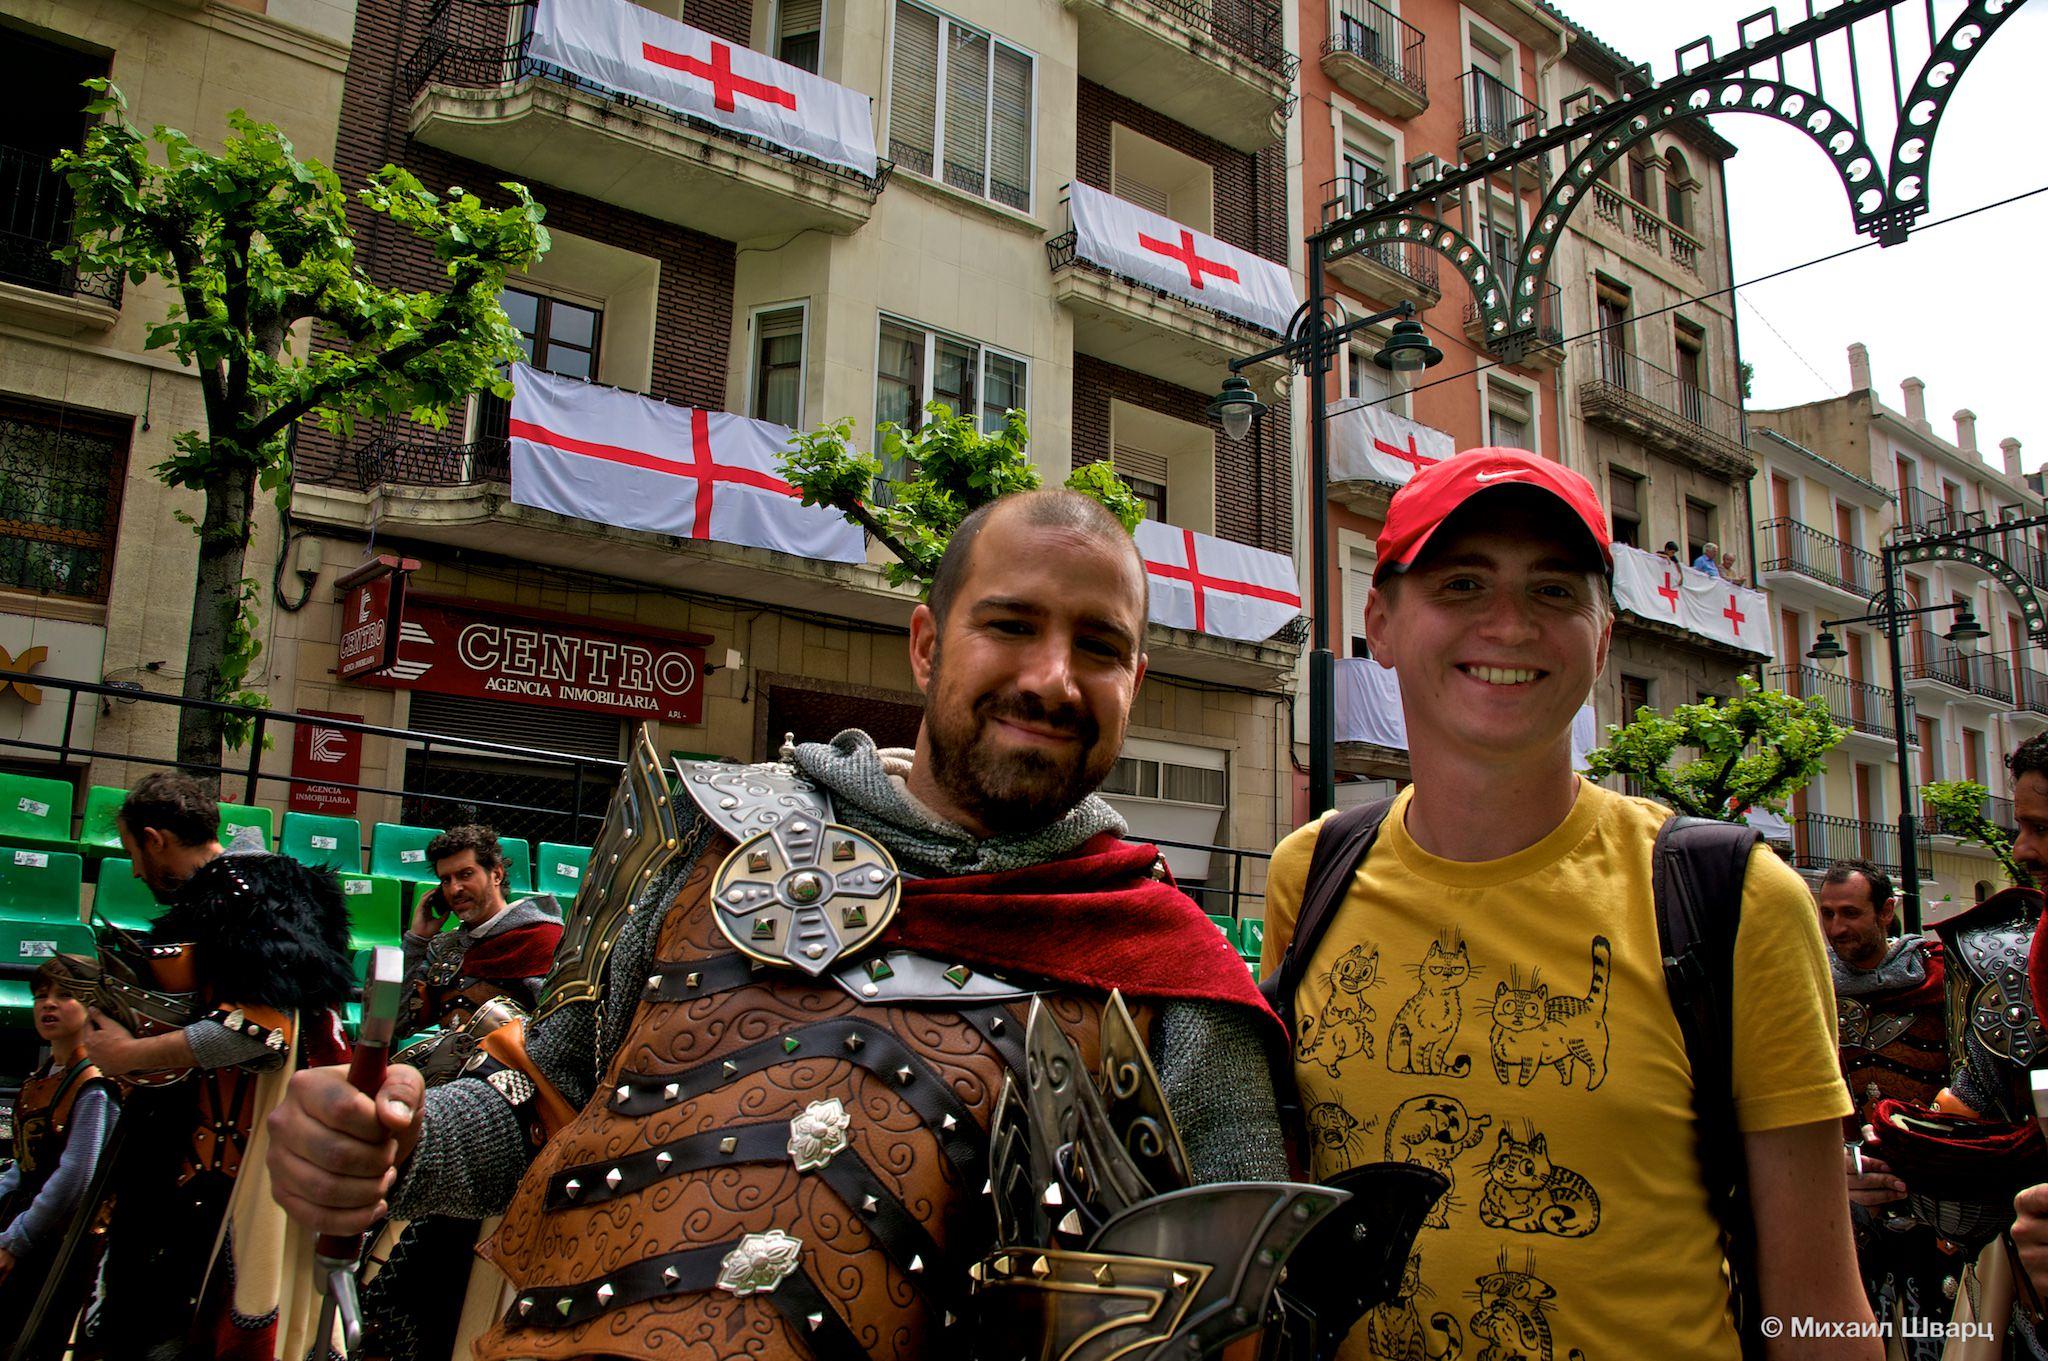 Фестиваль Мавры и Христиане в Испании